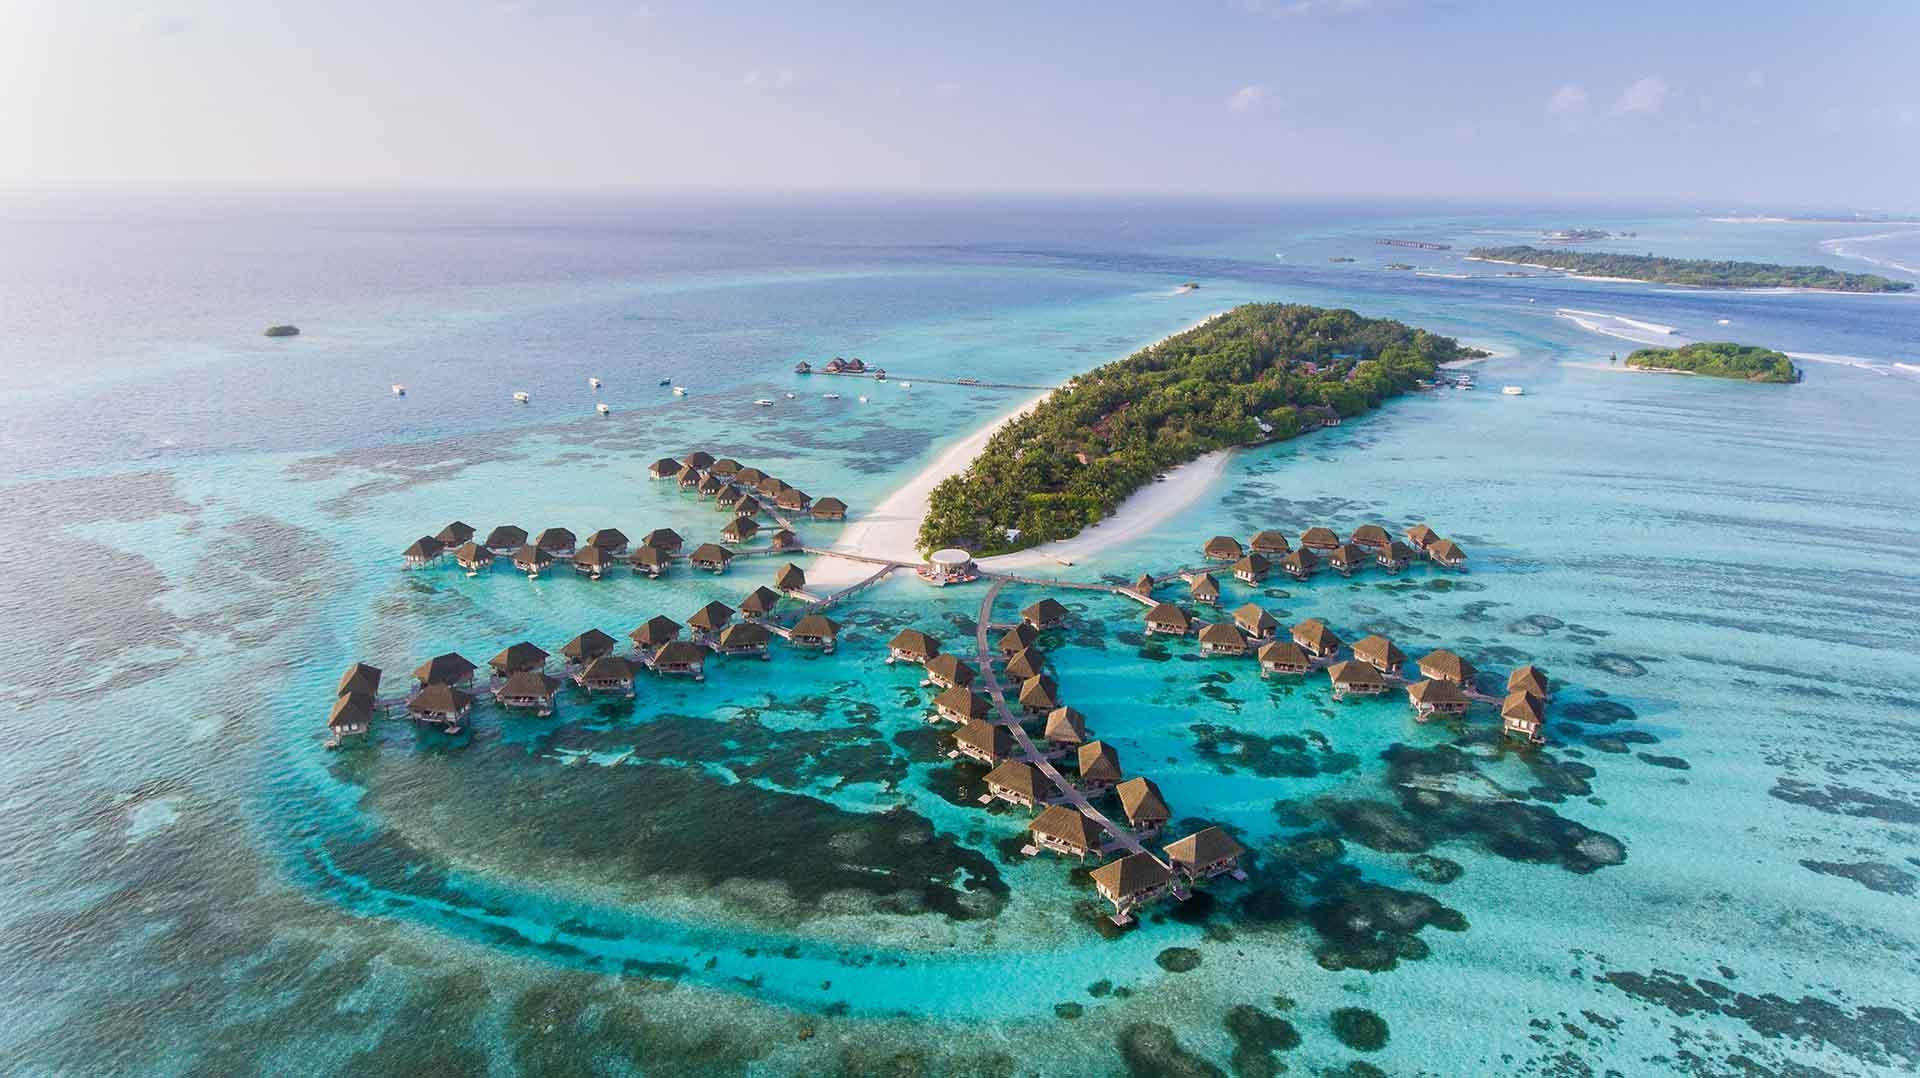 El lujo sin igual, las impresionantes playas de arena blanca y un mundo submarino increíble hacen de Maldivas una opción obvia para unas verdaderas vacaciones